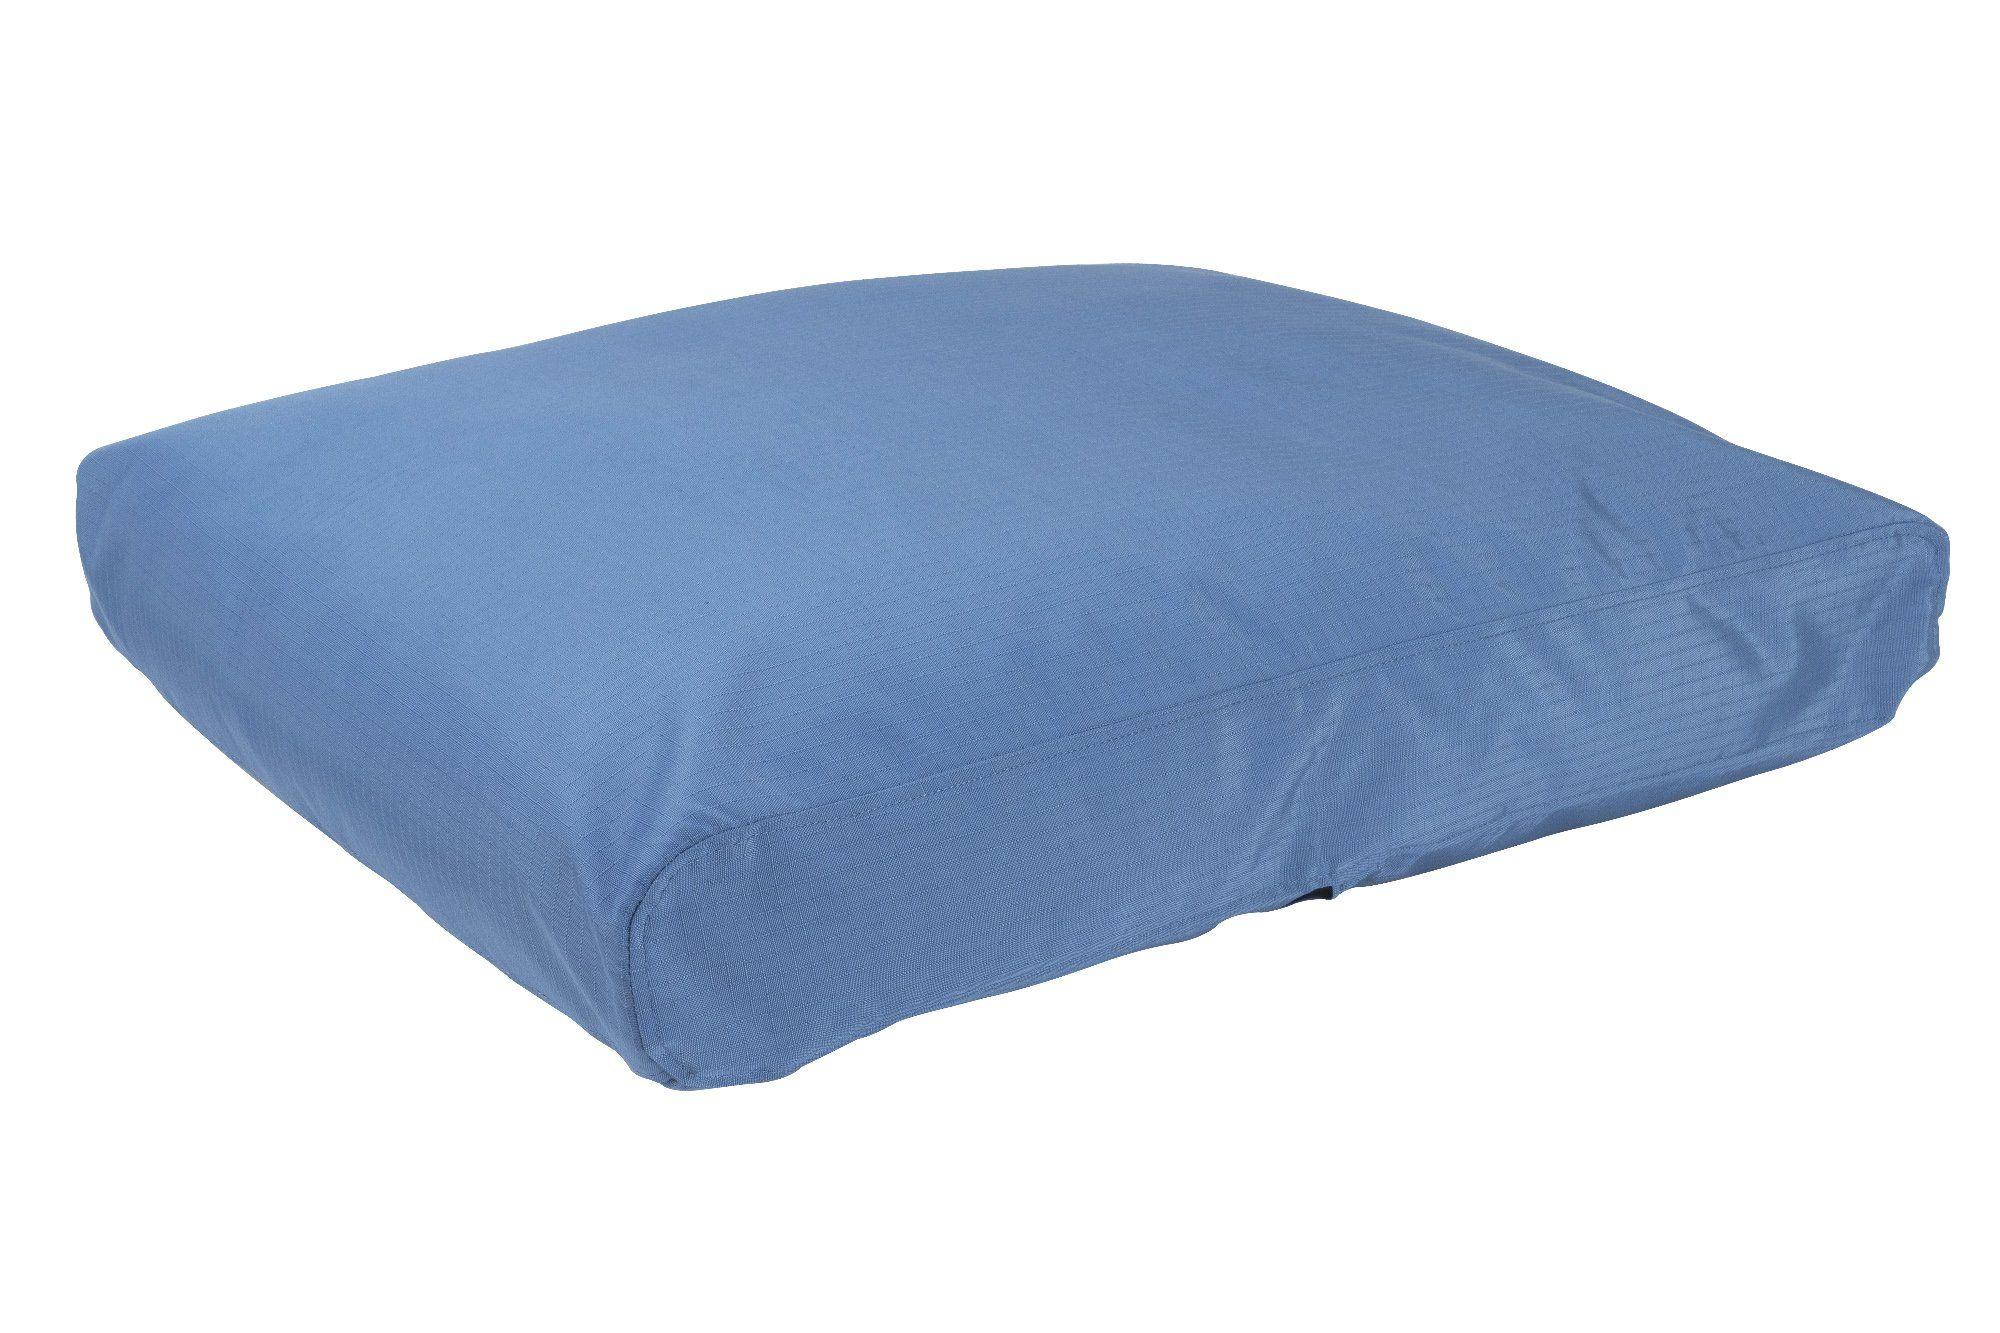 K9 Ballistics Tough XXL Dog Bed Blue Removable Washable